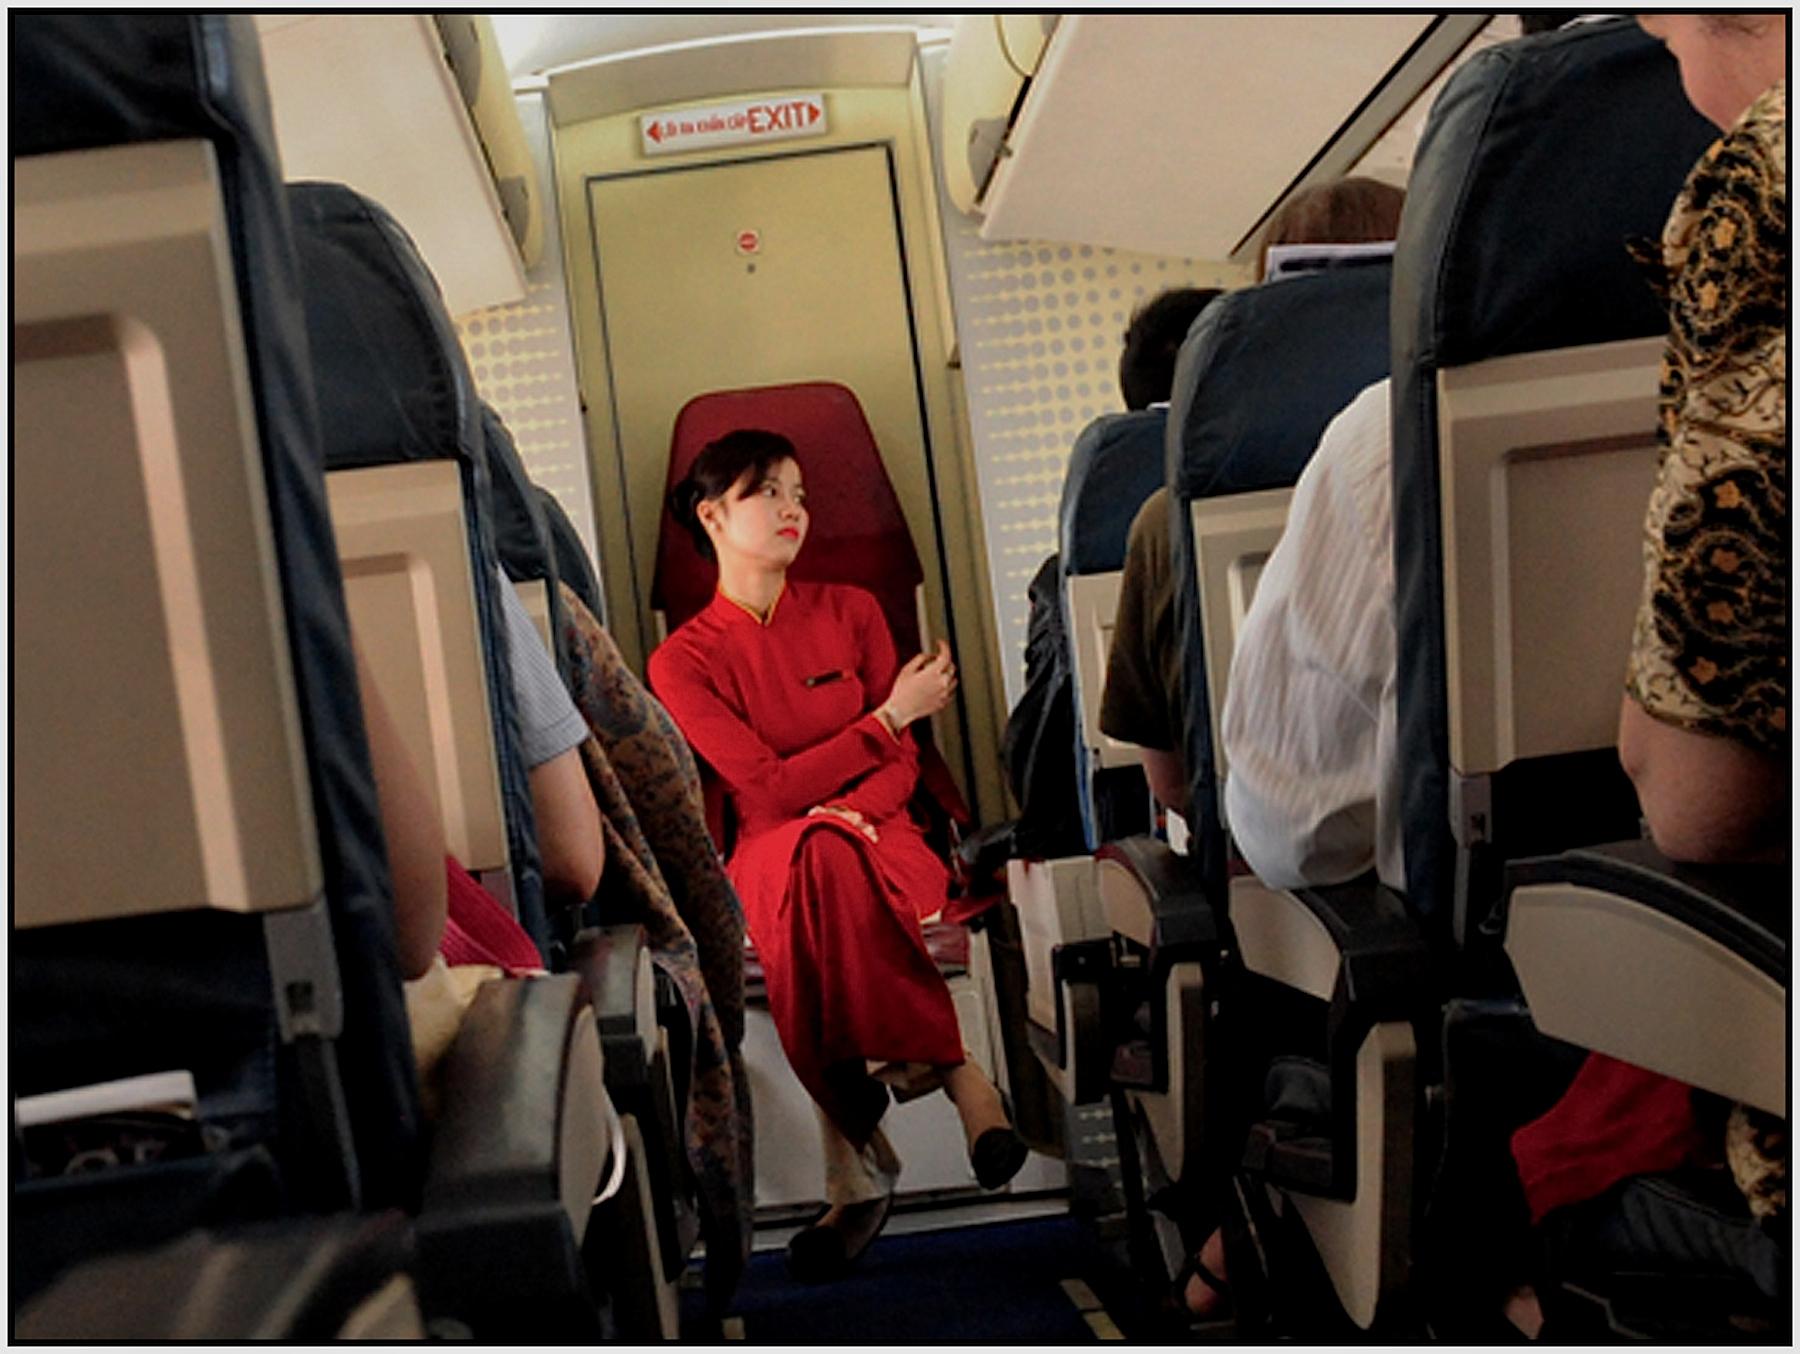 Flight Attendant on a Vietnam Airways domestic flight, March 2015. #0311